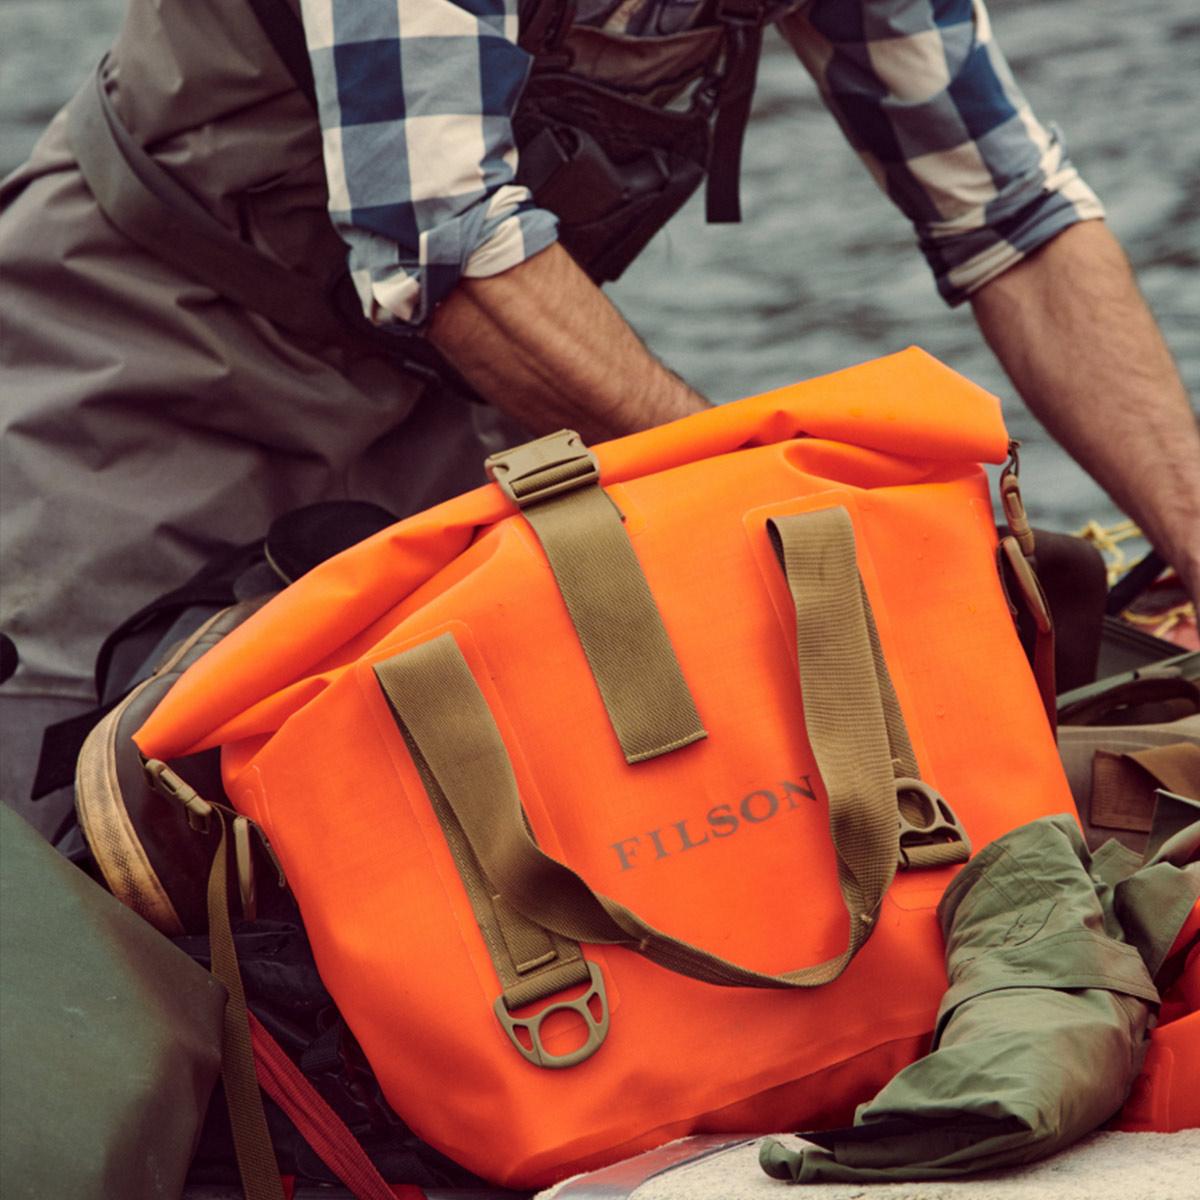 Filson Dry Roll-Top Tote Bag, garantiert wasserdicht